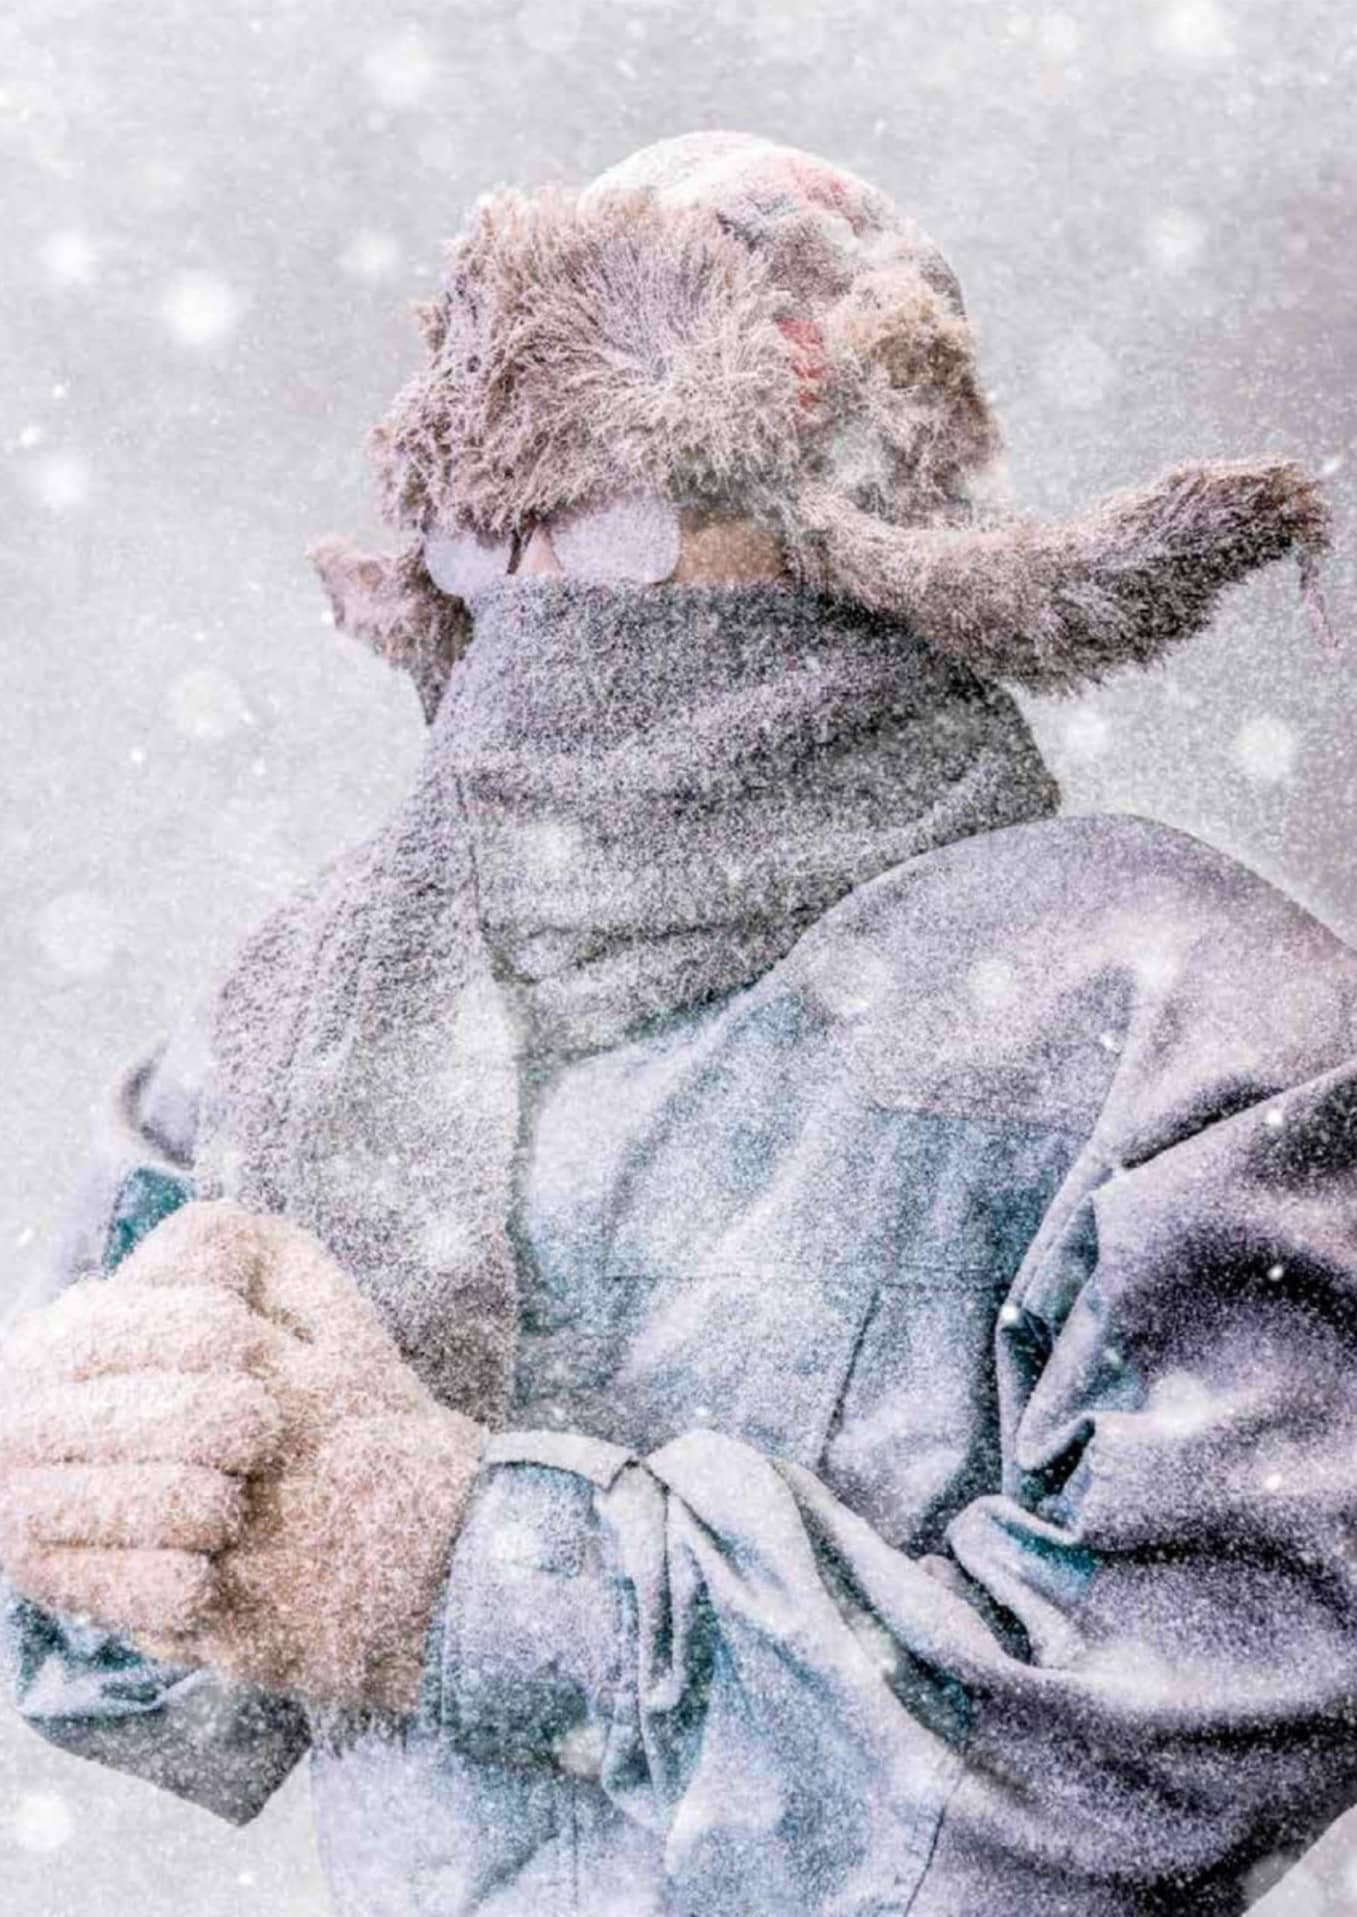 El atractivo de los lugares fríos